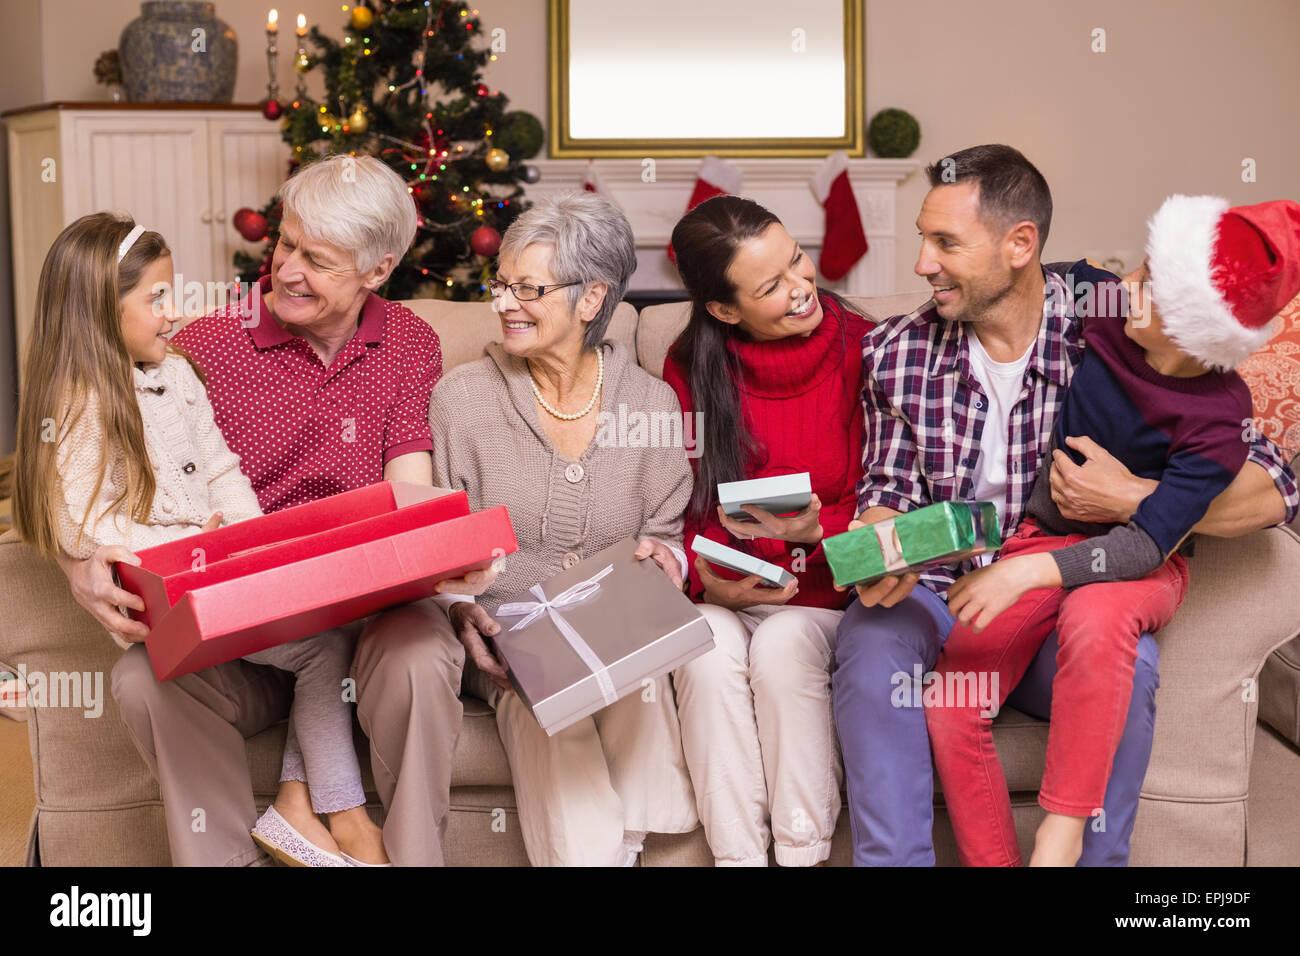 Famiglia festosa apertura dei regali a Natale Immagini Stock